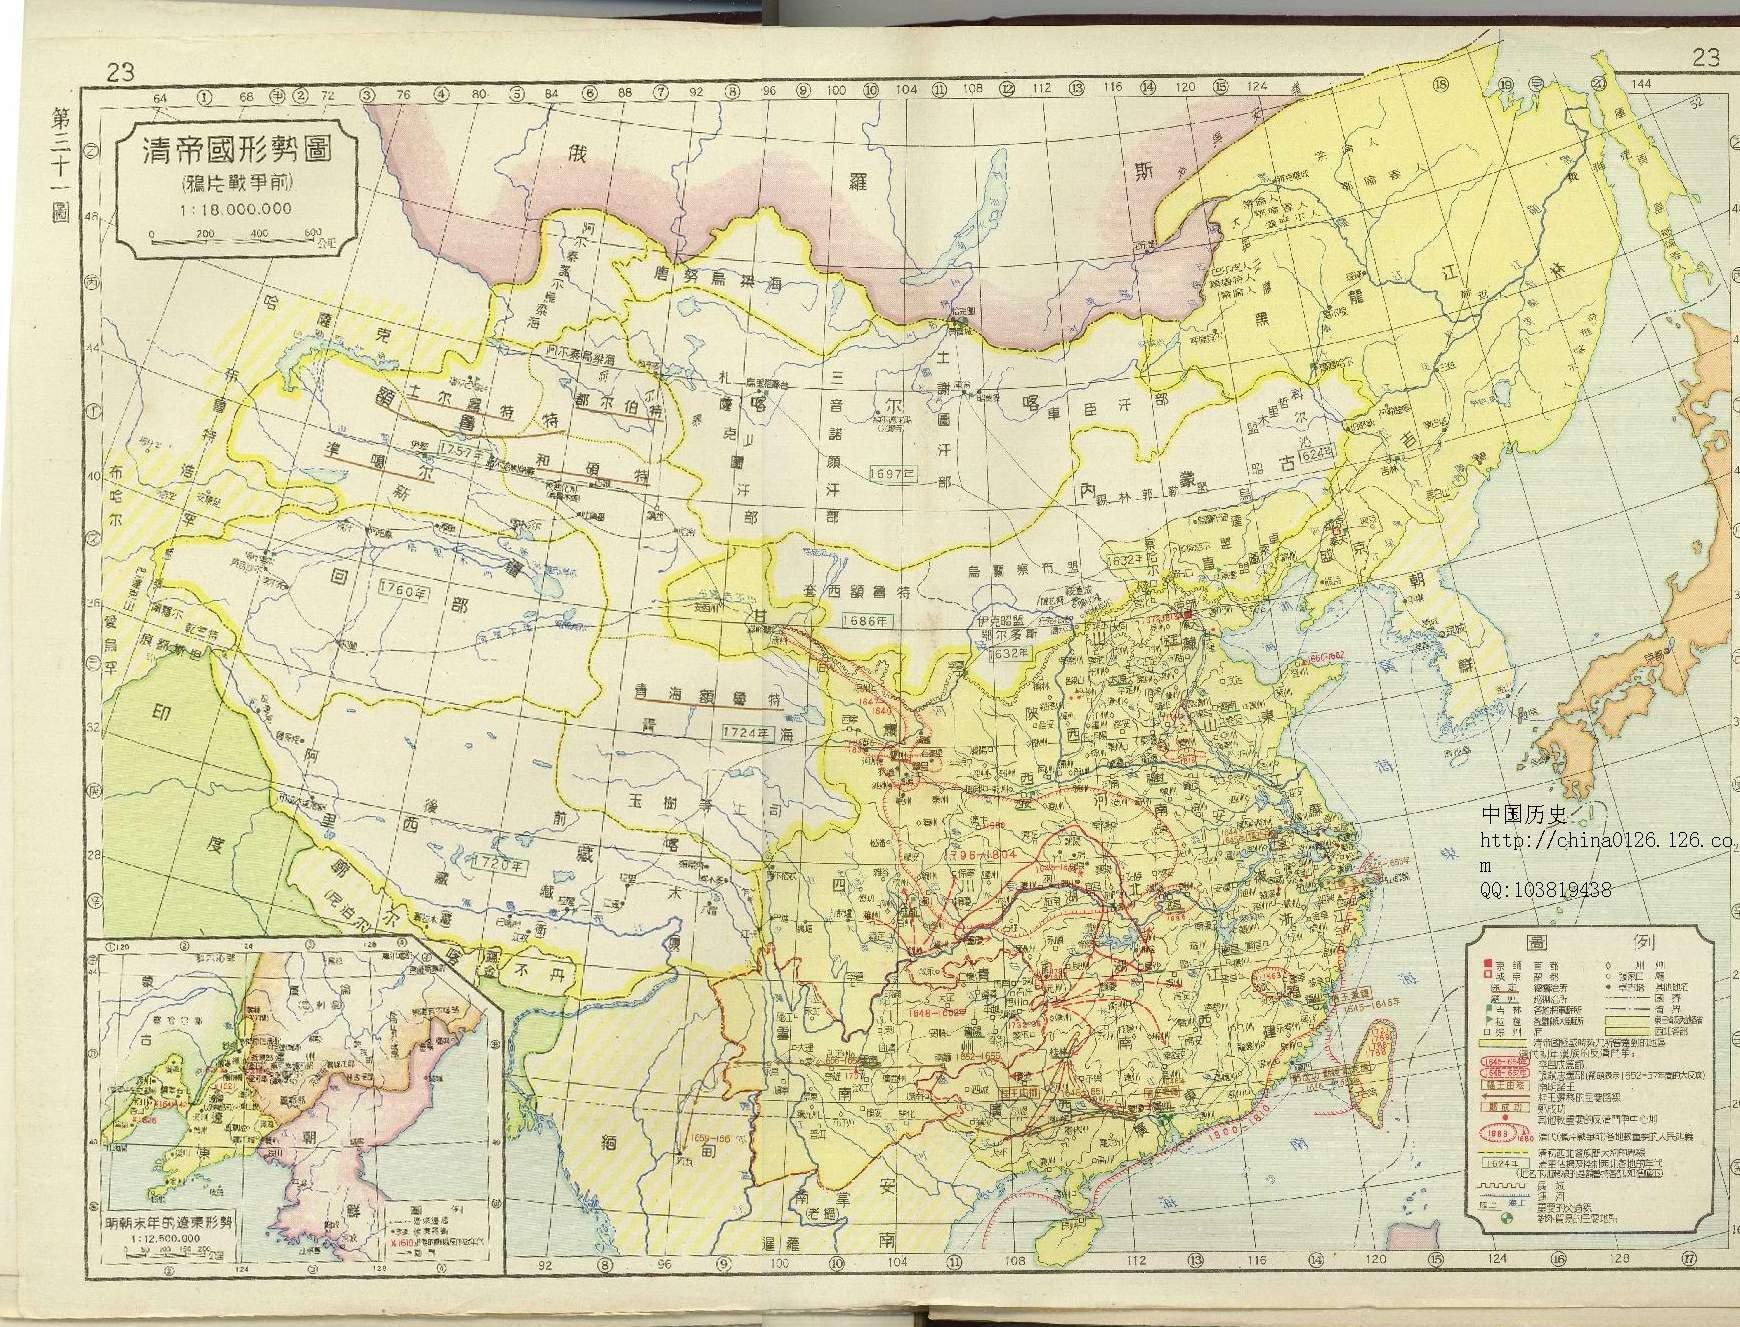 俄罗斯不属于中国古代版图之内